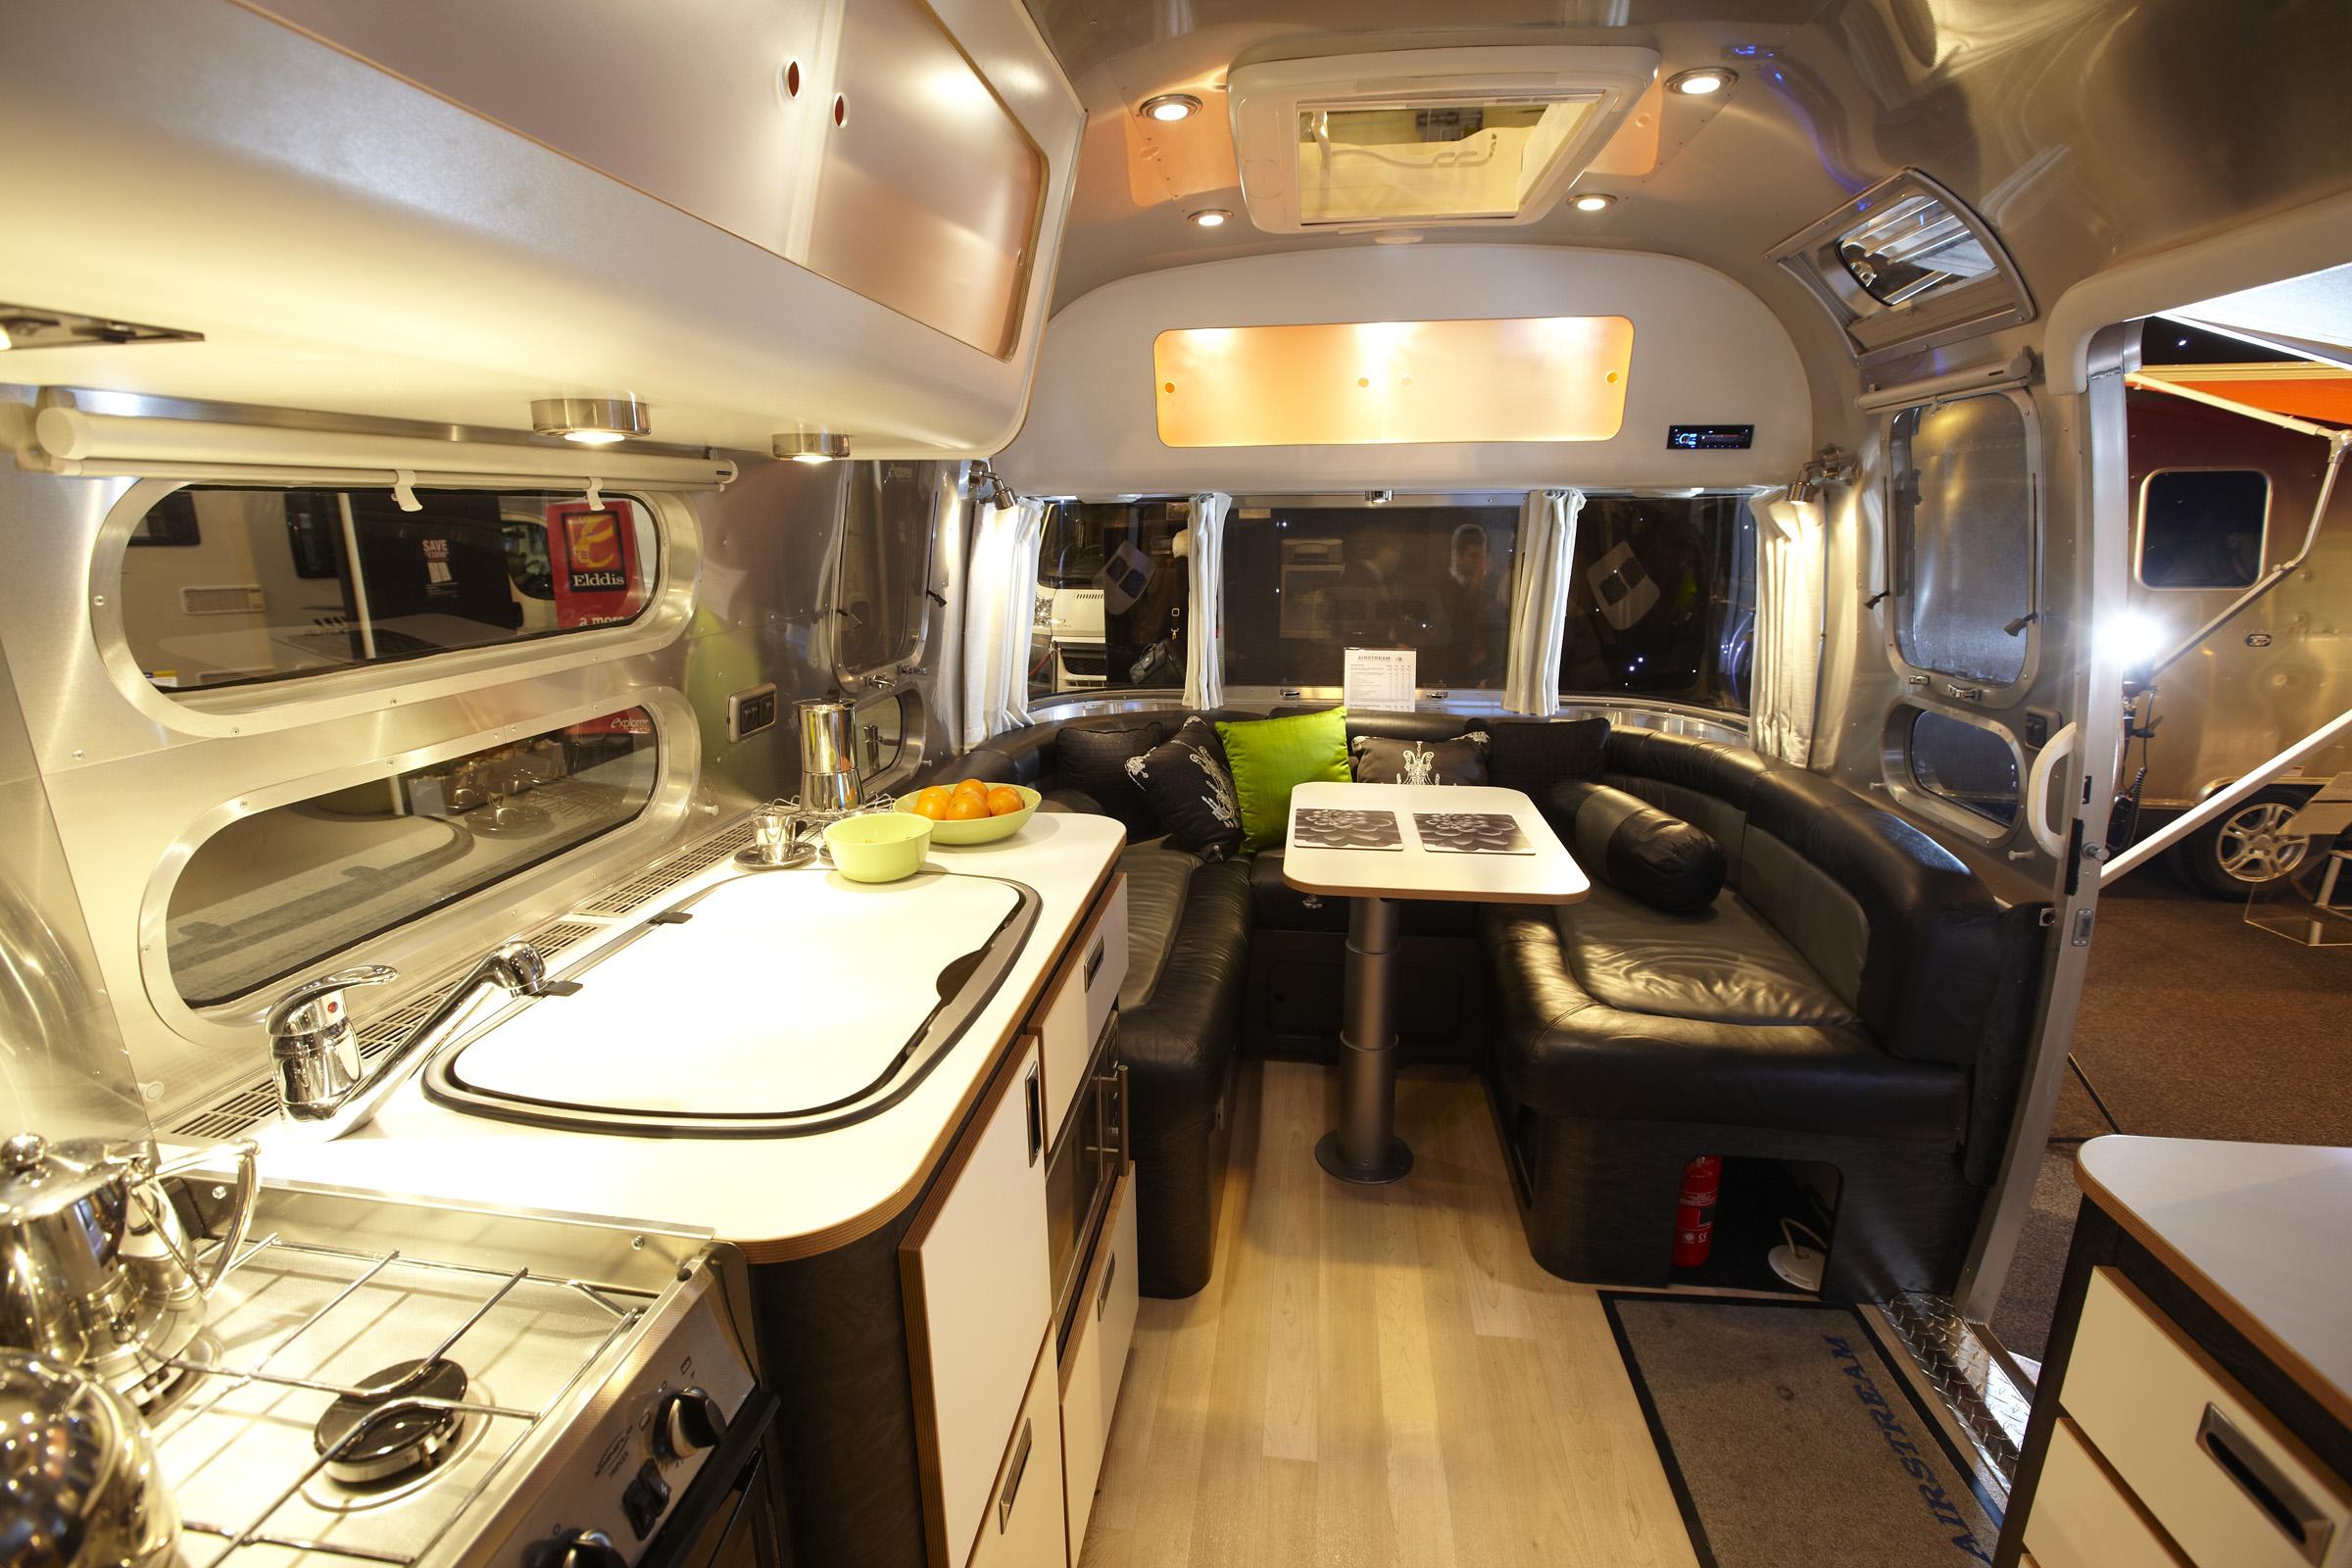 Airstream Trailers Interior Design Images